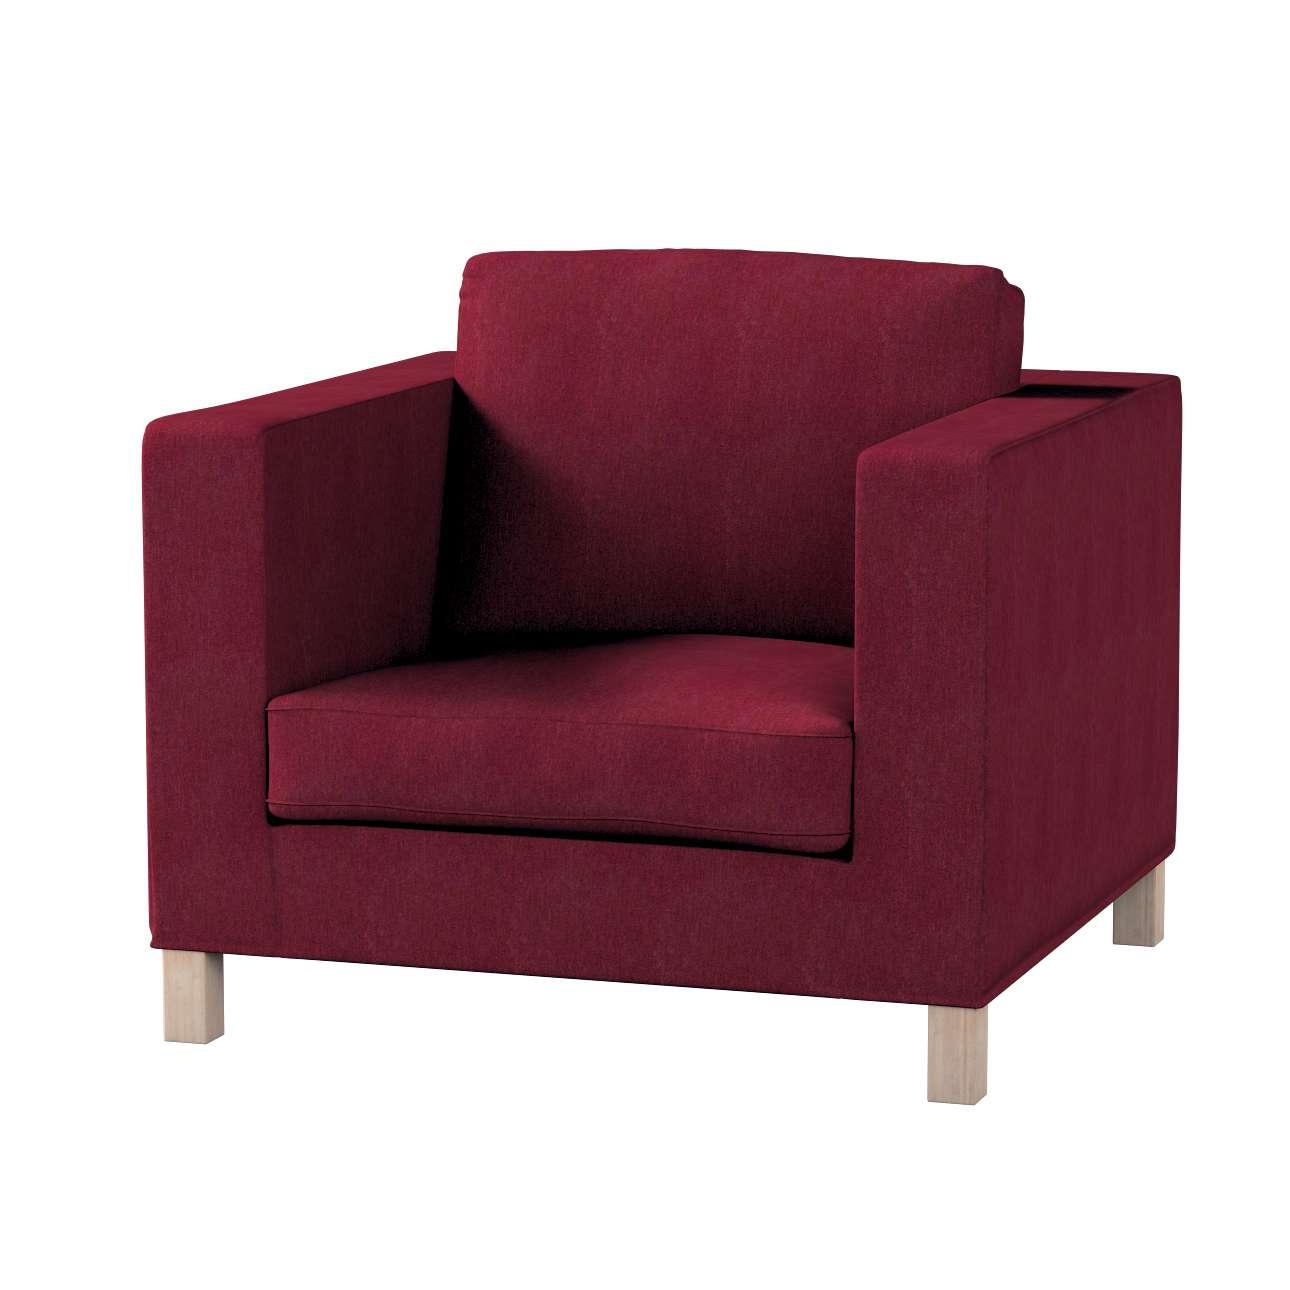 KARLANDA fotelio užvalkalas KARLANDA fotelio užvalkalas kolekcijoje Chenille, audinys: 702-19